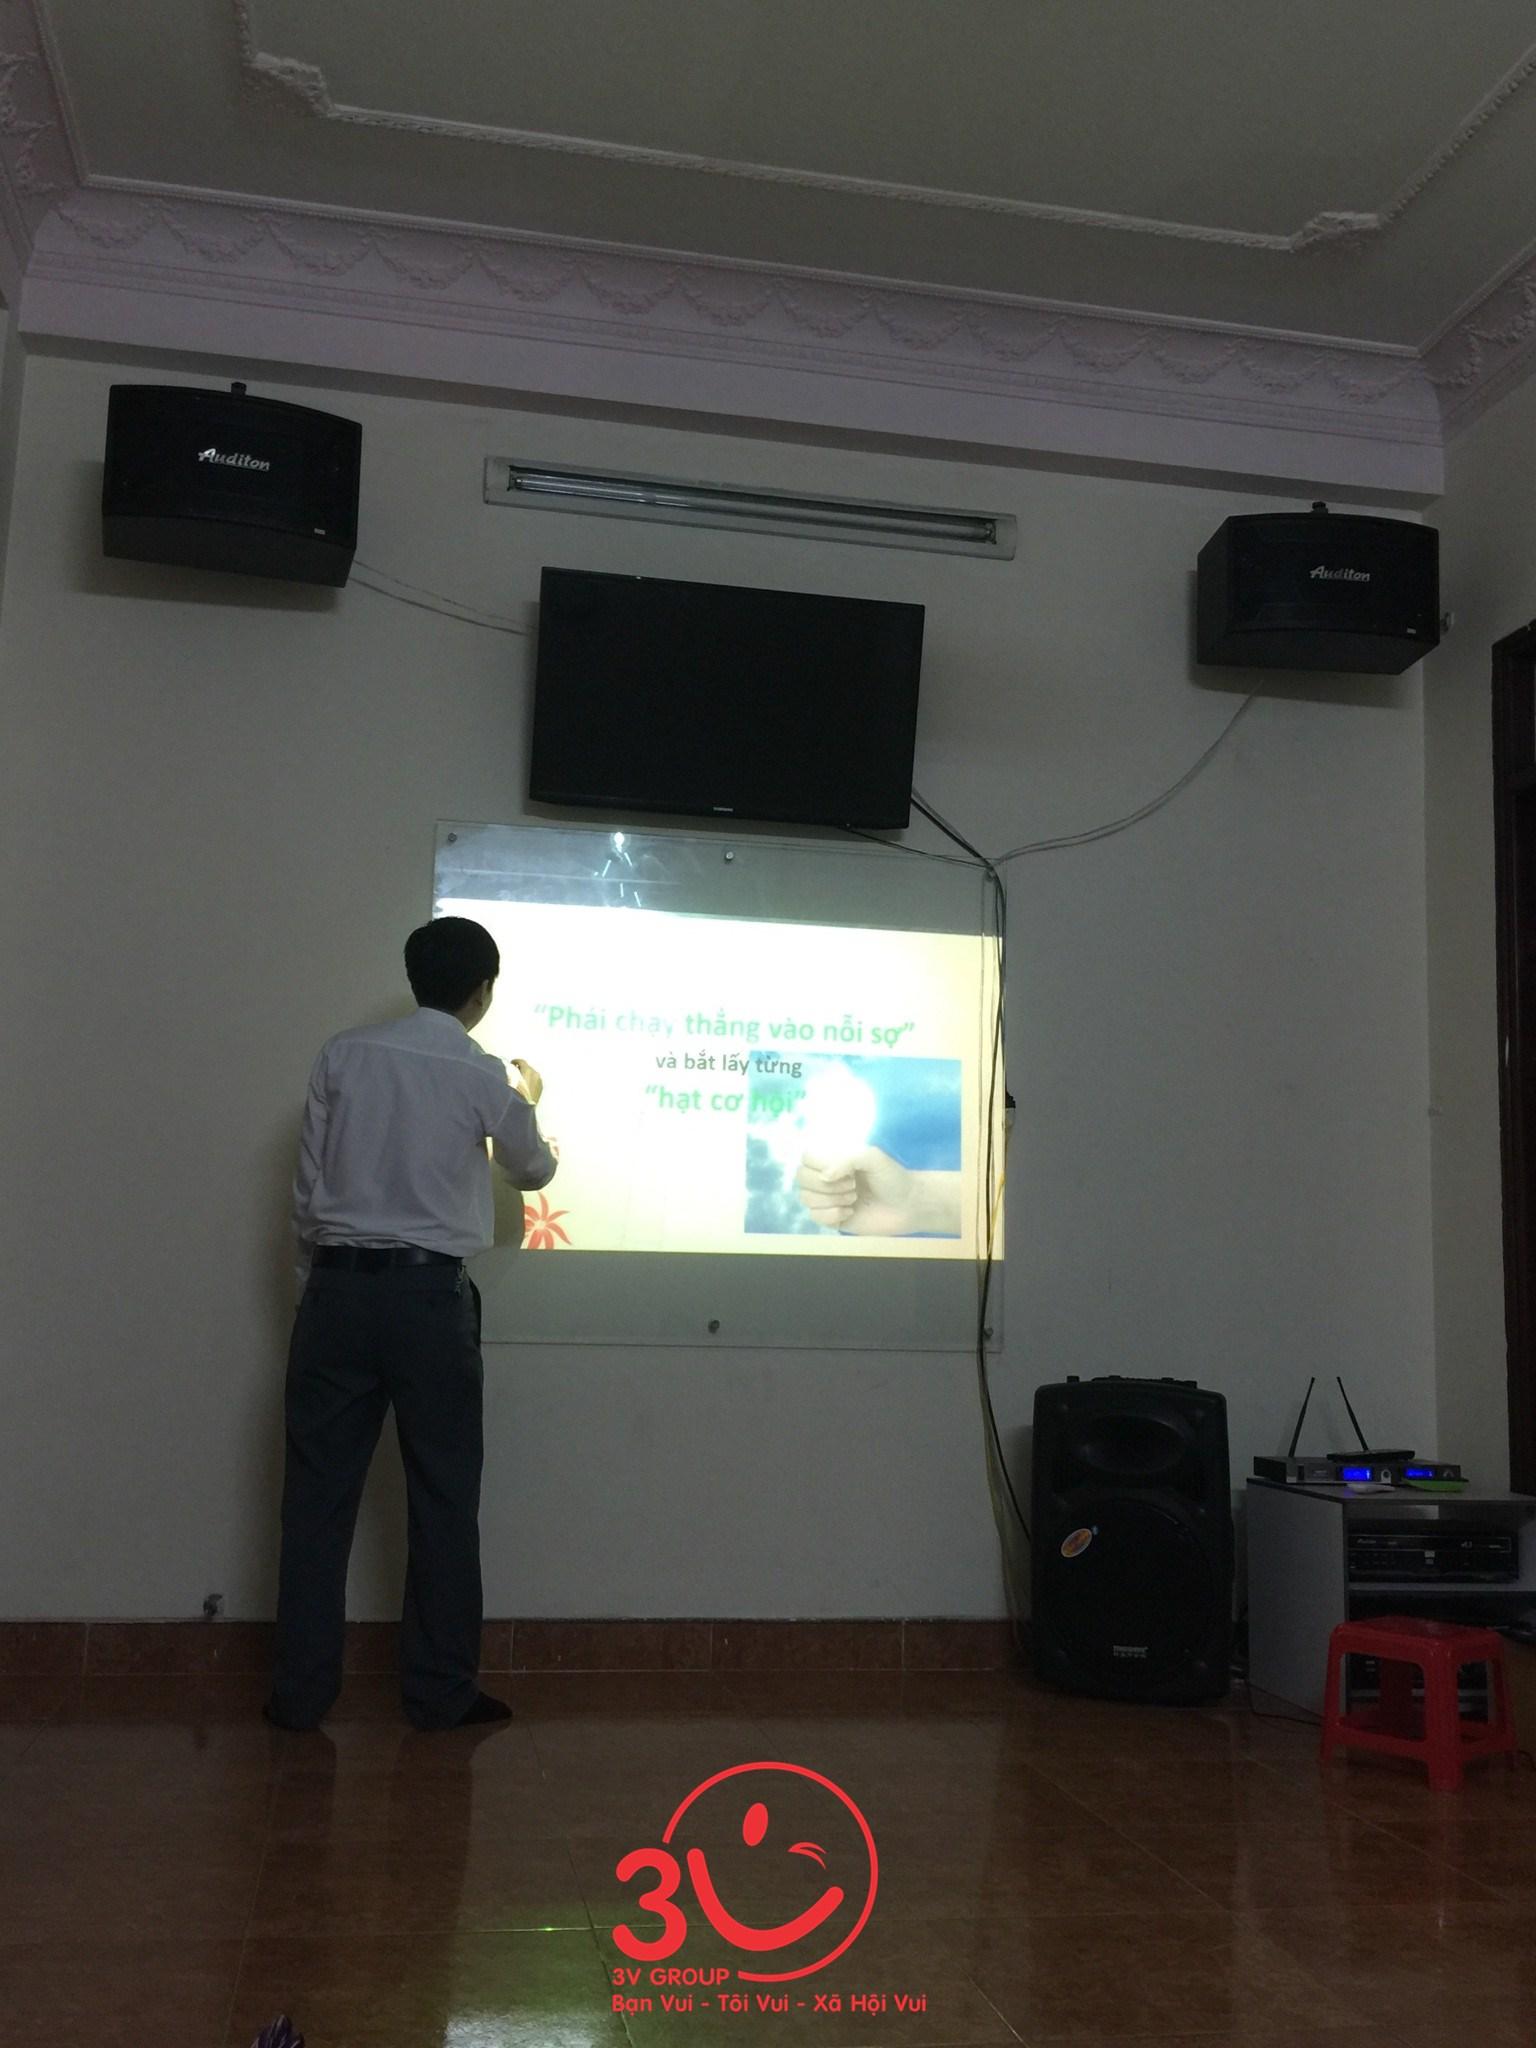 Tổng Giám đốc Lê Đức Hà cùng toàn thể nhân viên 3V cùng nhau ngồi lại nhìn lại kết quả một tuần làm việc vừa qua